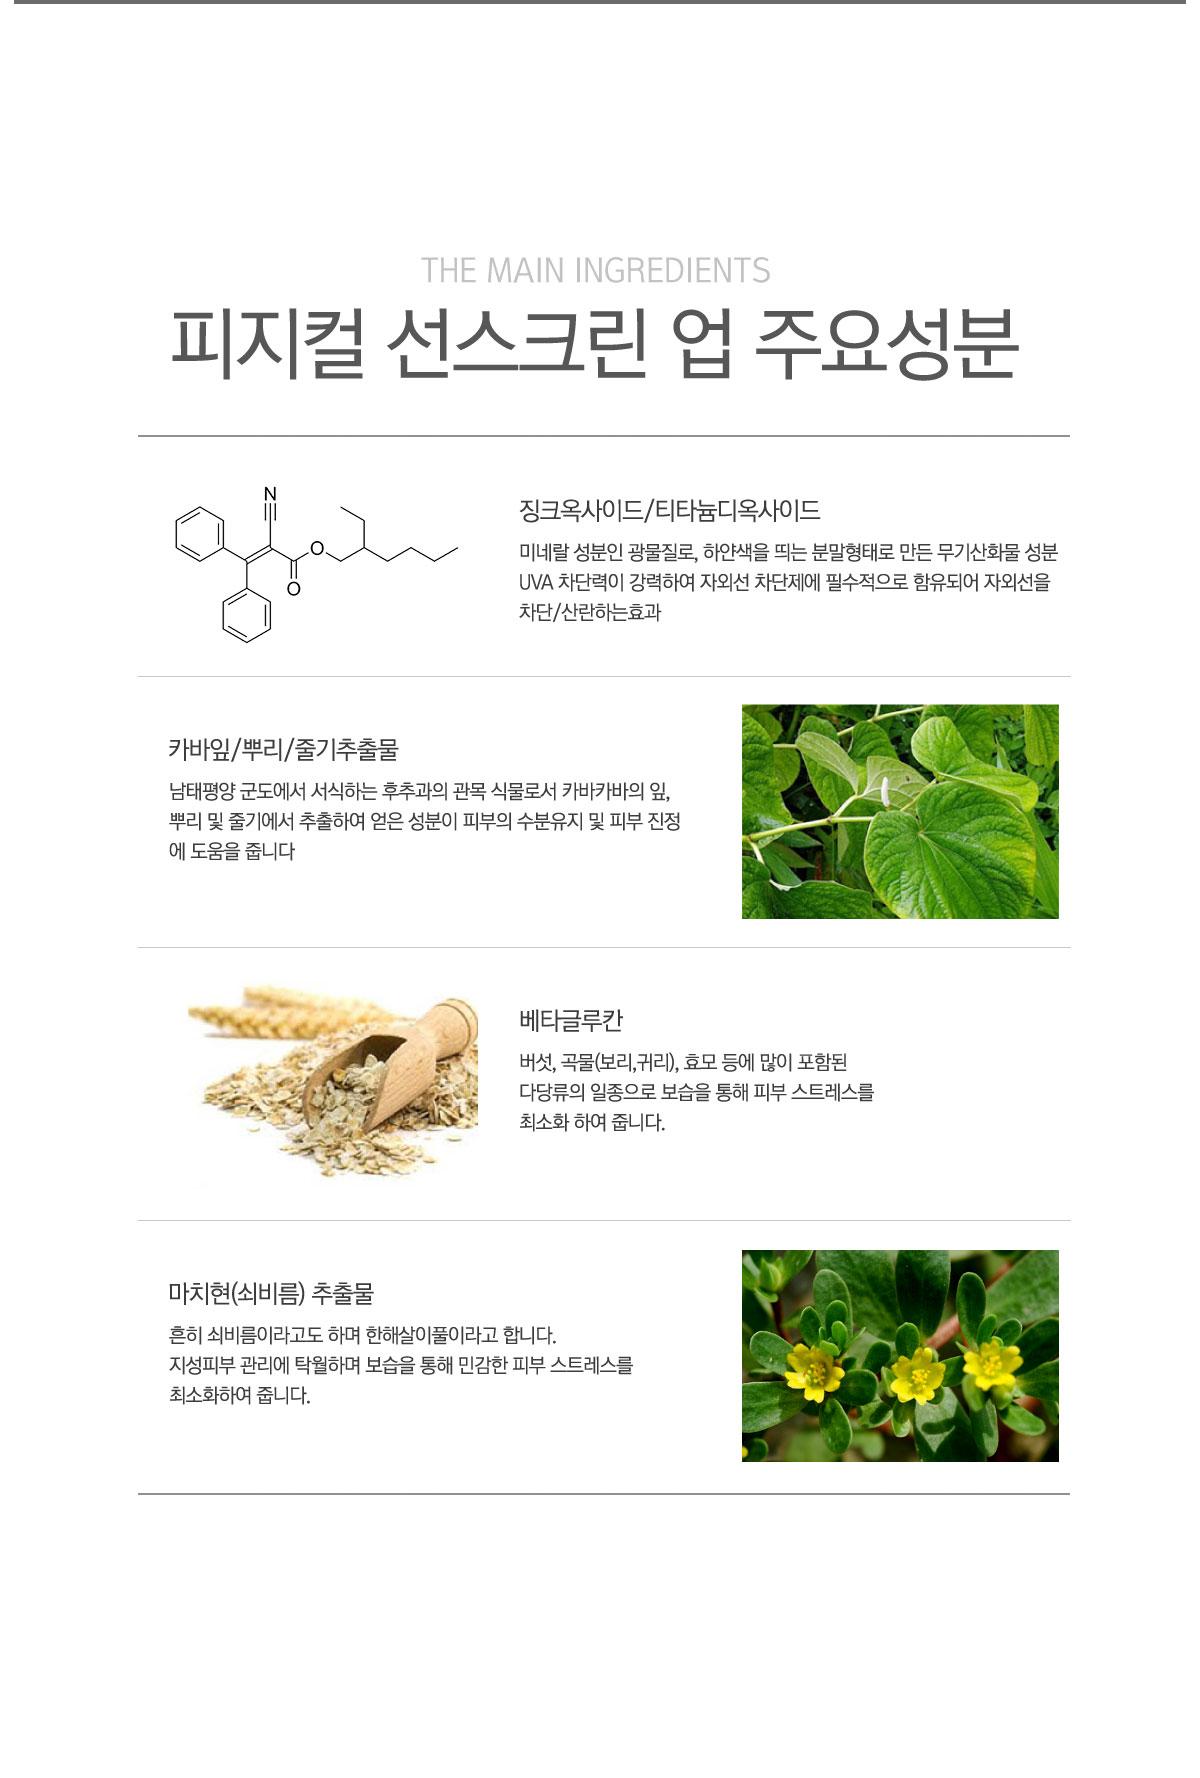 닥터에스리 피지컬 선스크린 60g(SPF50 PA+++) 무기자외선 차단제 - 닥터에스리, 44,000원, 선케어, 선크림